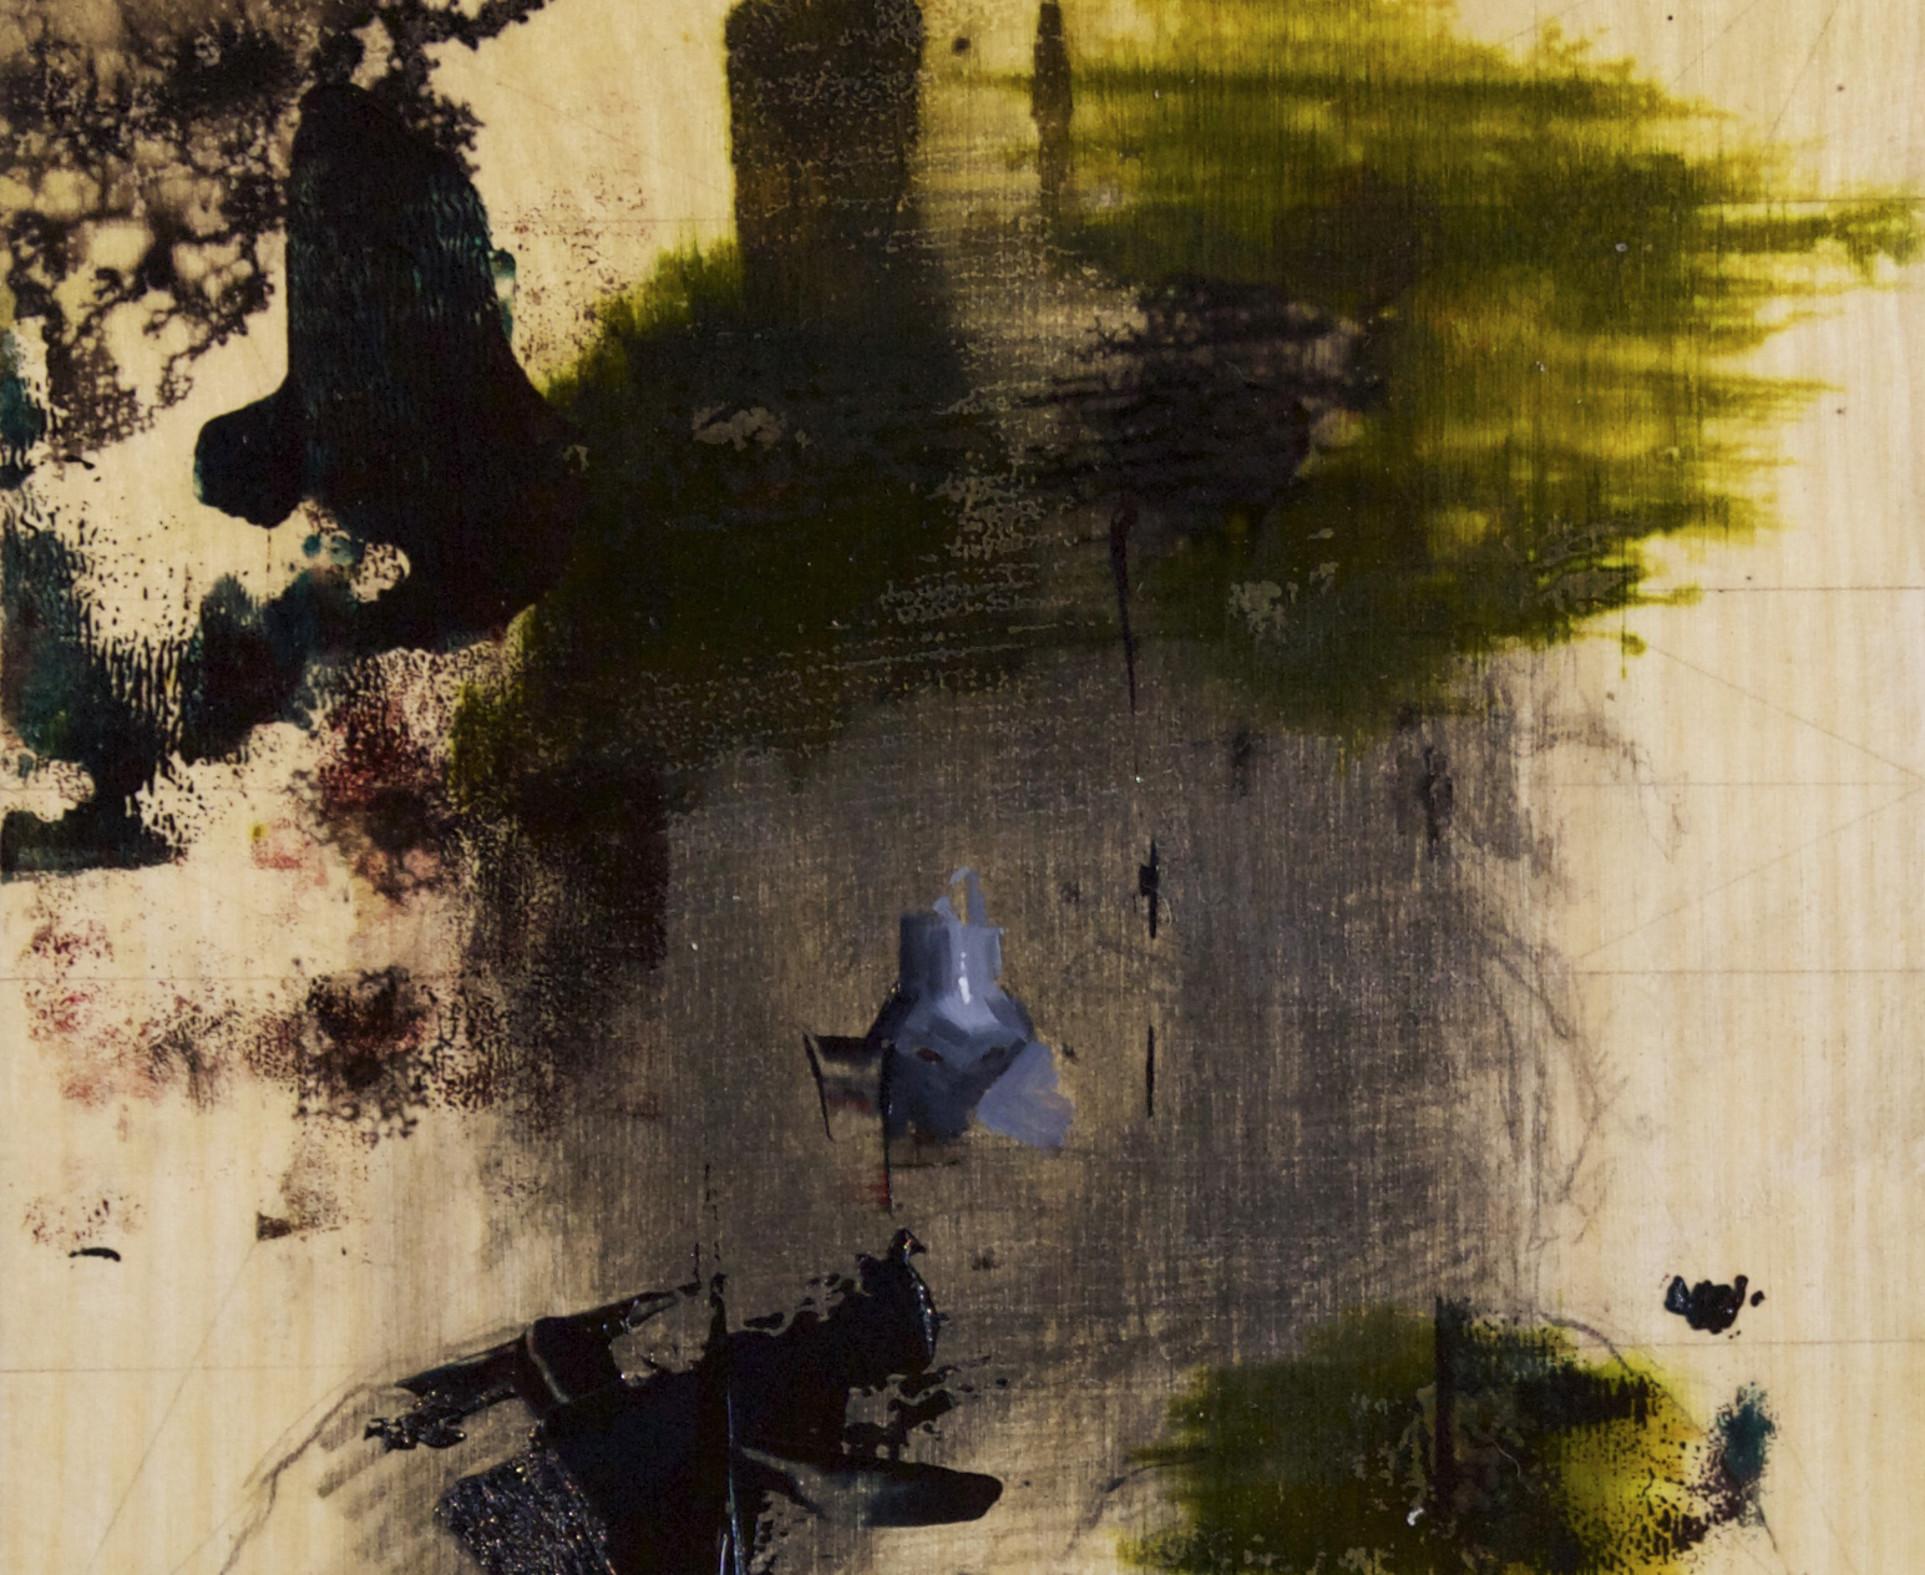 John Wentz, Imprint No. 16, 2015